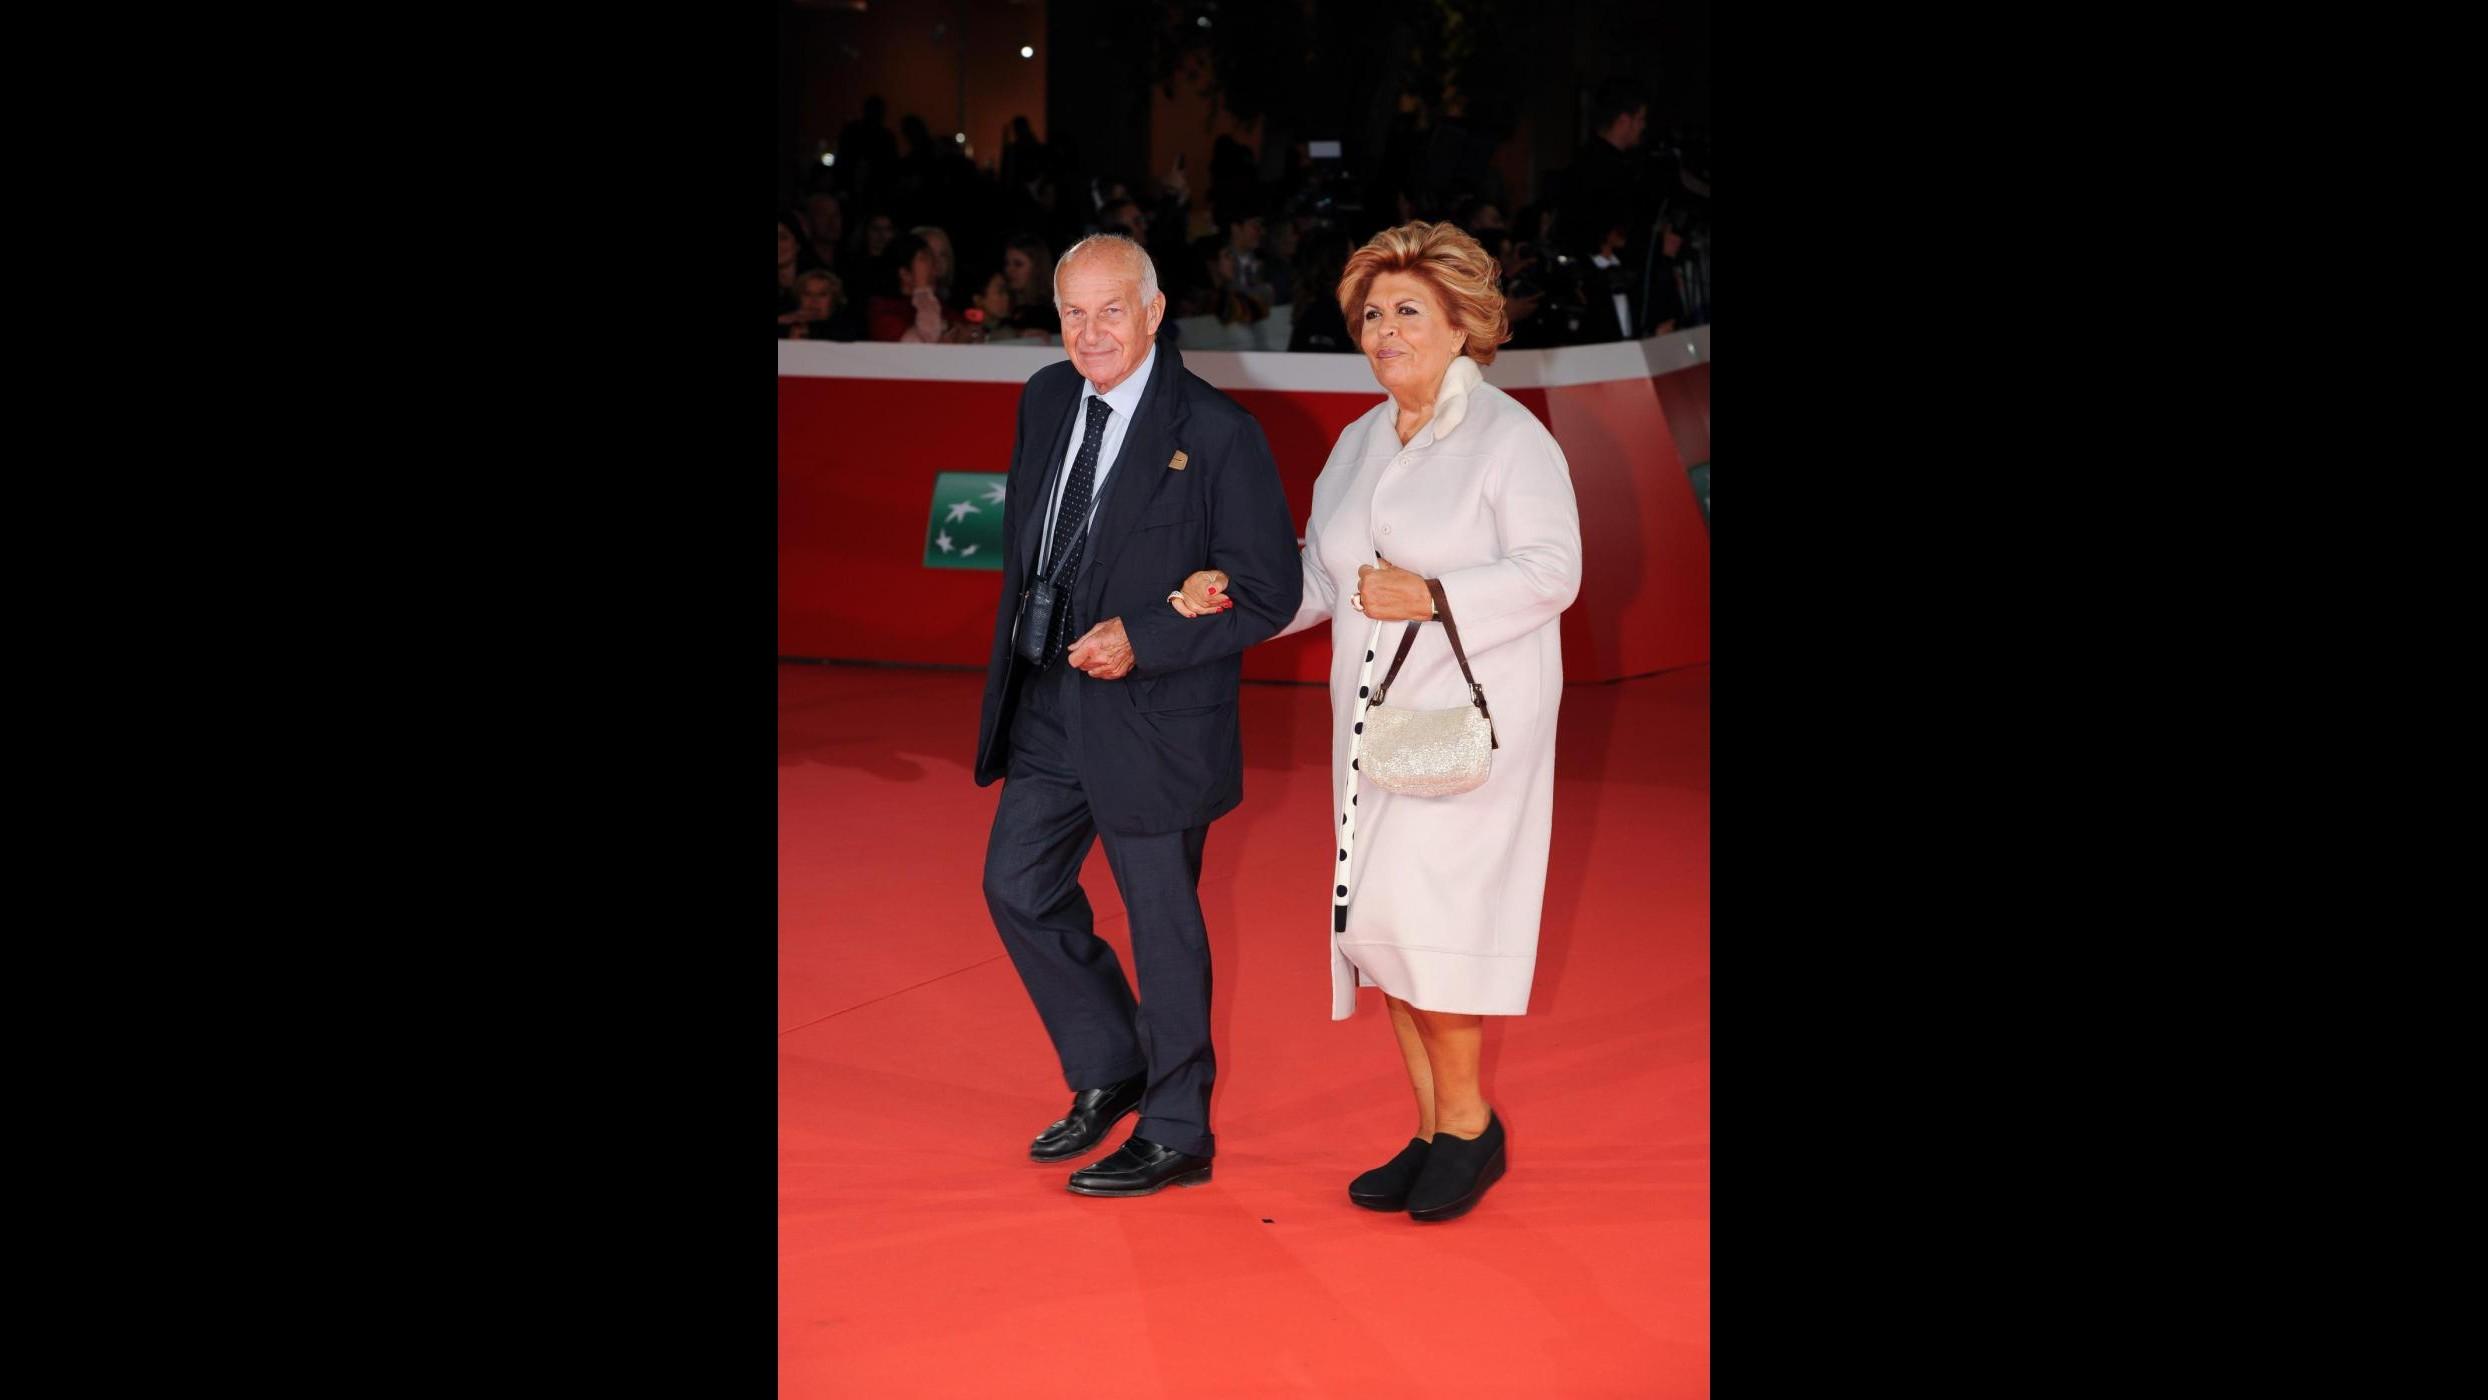 Dal look di Virginia Raggi all'incontro tra Mattarella e Rosamund Pike: al via la Festa del cinema